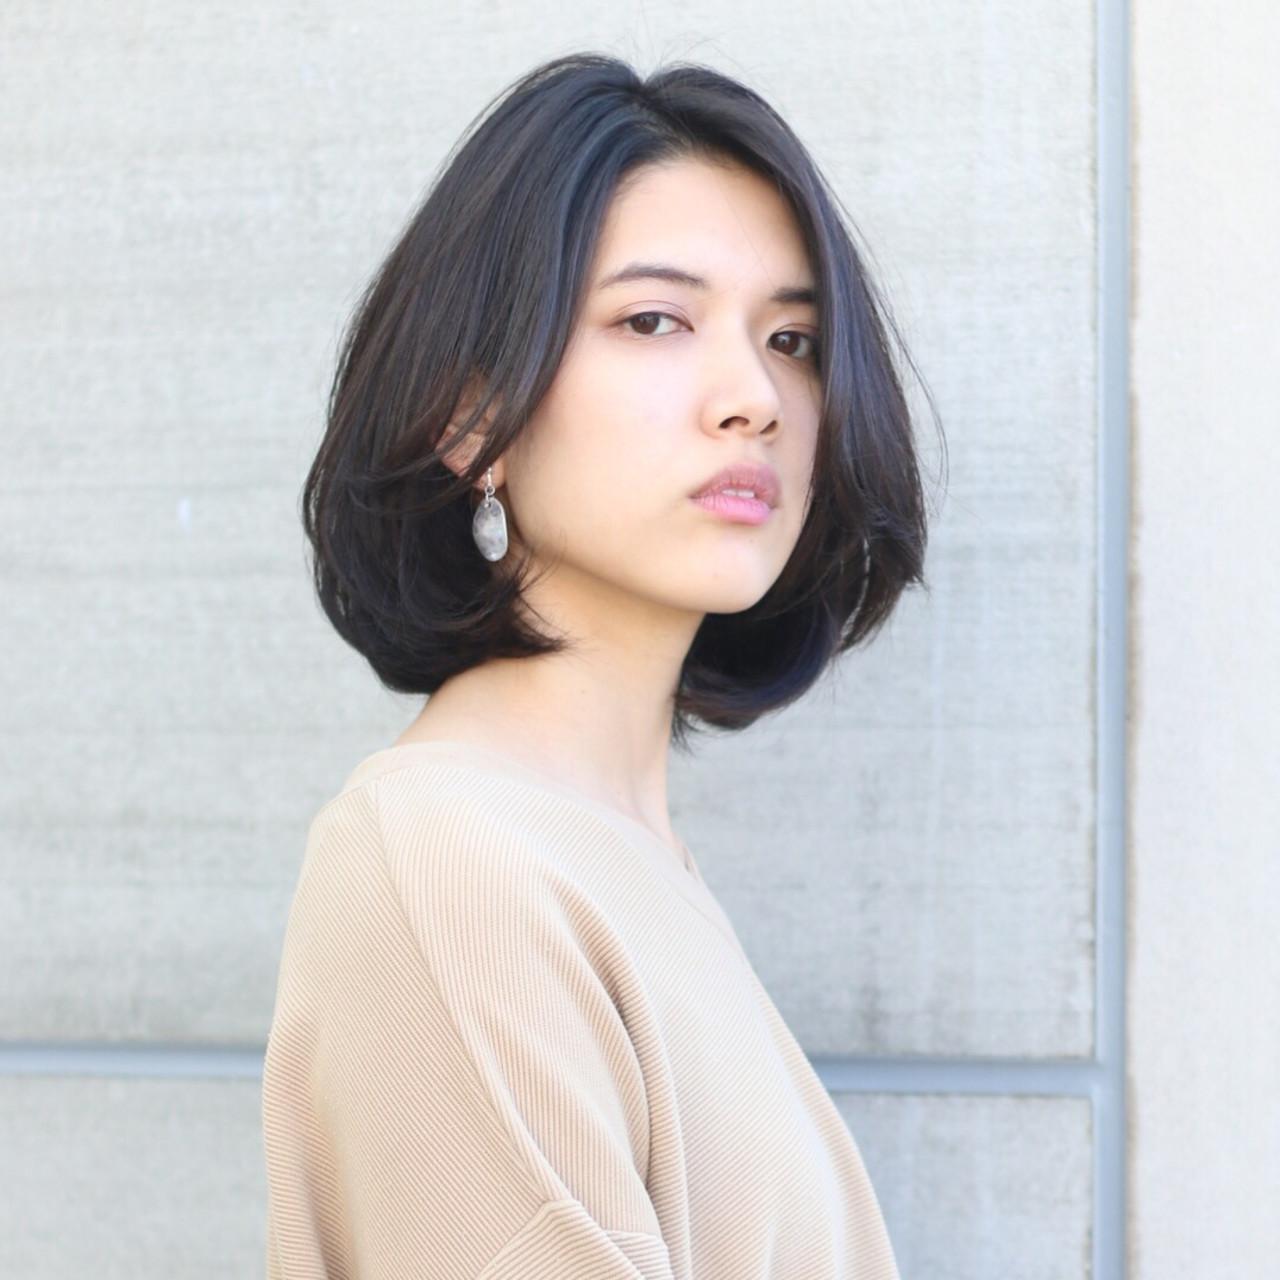 レイヤー ボブ フェミニン デート ヘアスタイルや髪型の写真・画像 | 趙 英来 (よん) / nex